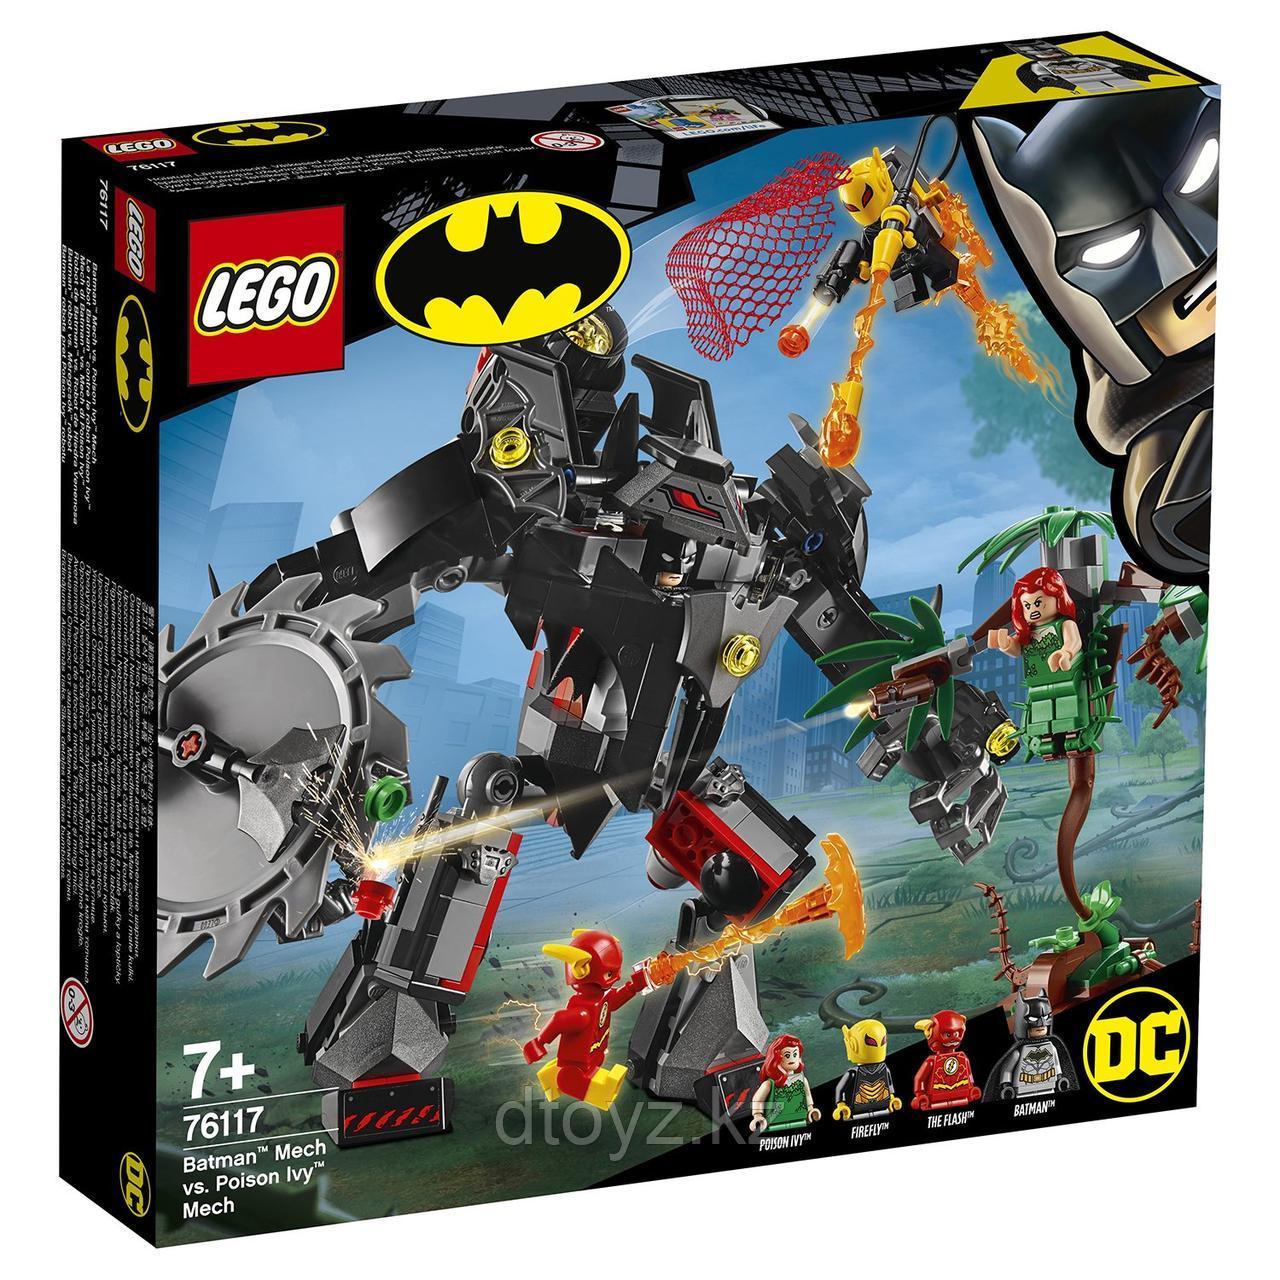 Lego Super Heroes 76117 Робот Бэтмена против робота Ядовитого Плюща